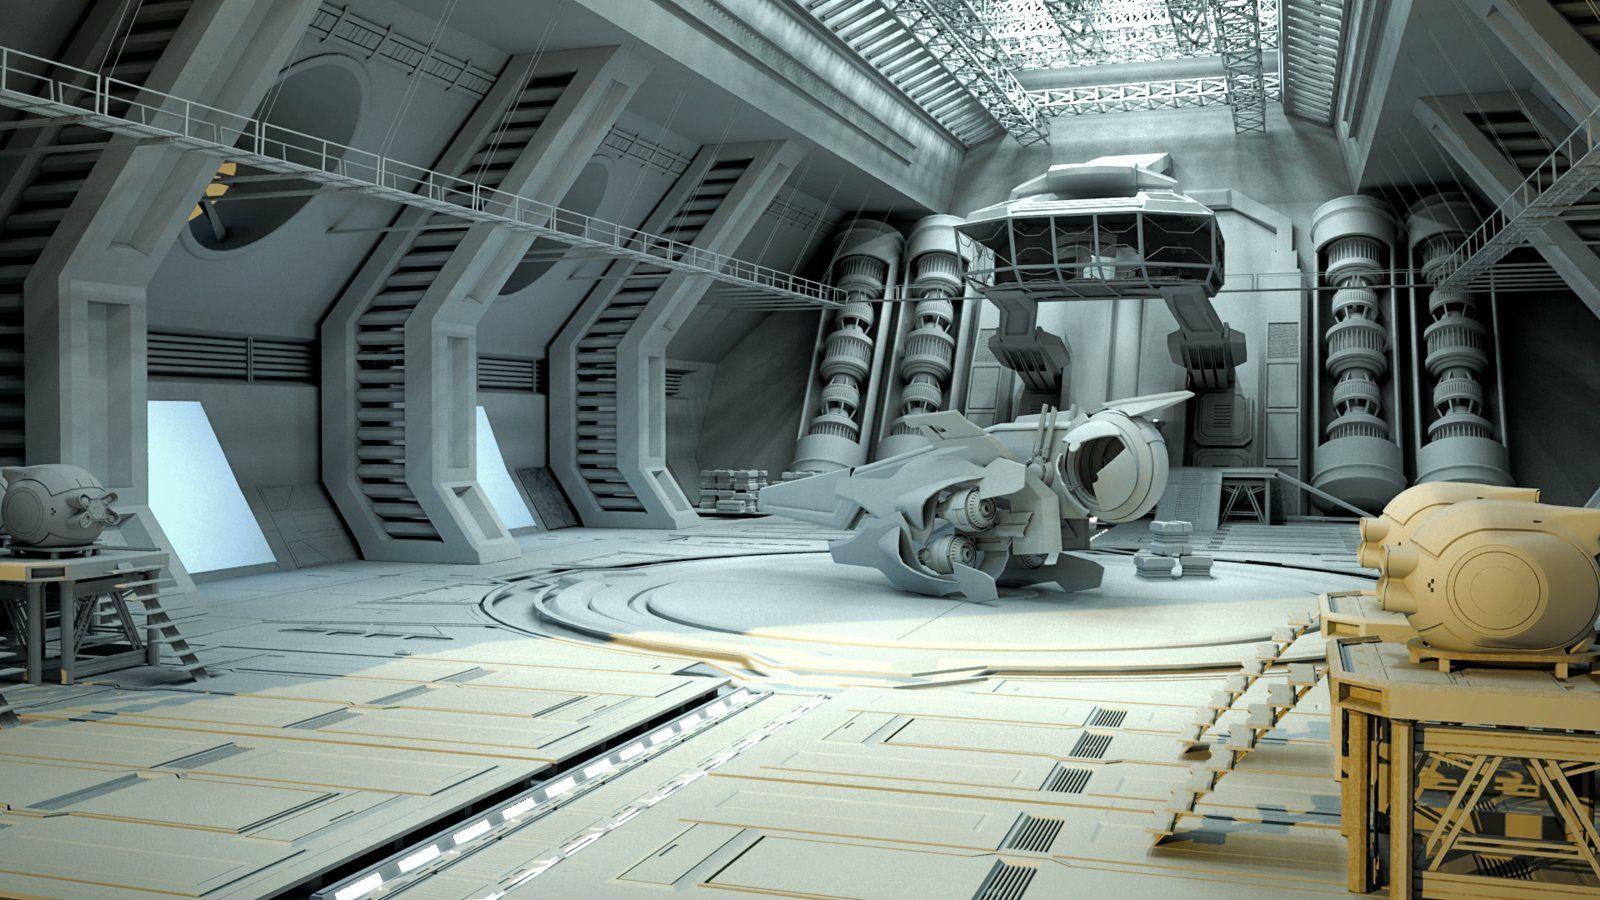 Sci fi hangar wip bosko ognjevic on artstation at https for Sci fi decor